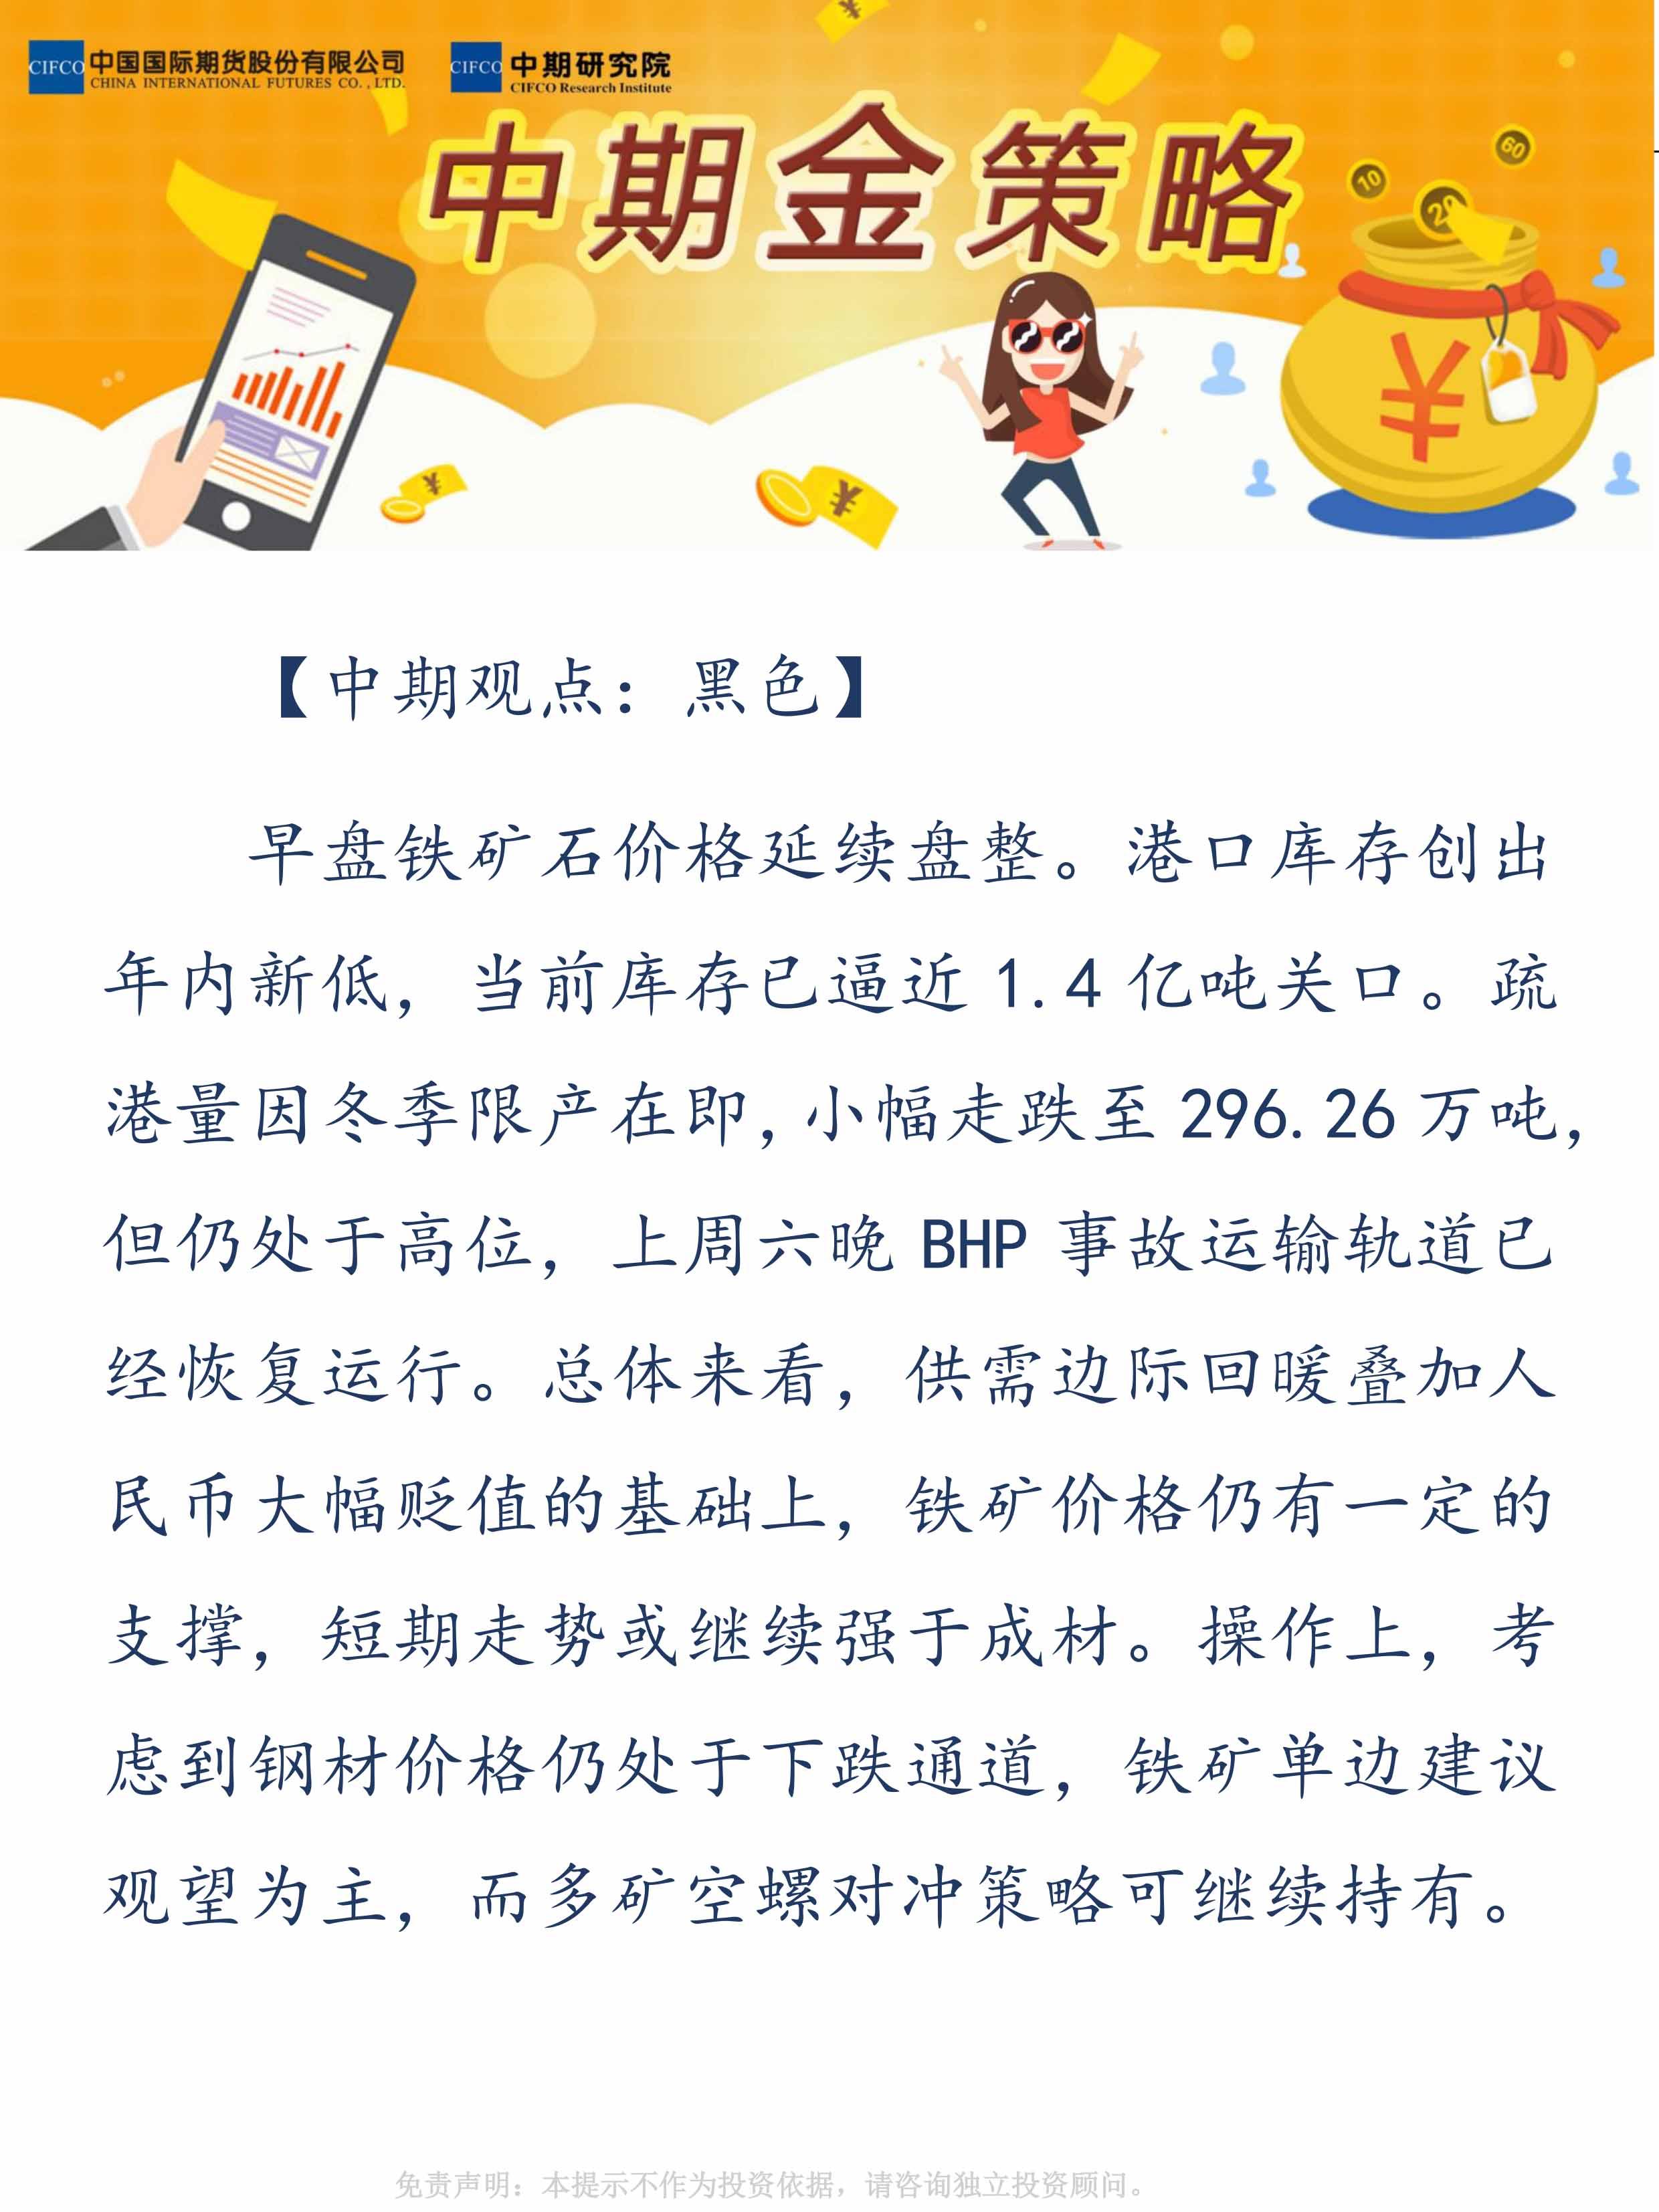 【易胜博金策略】黑色-沈巍-20181113.jpg